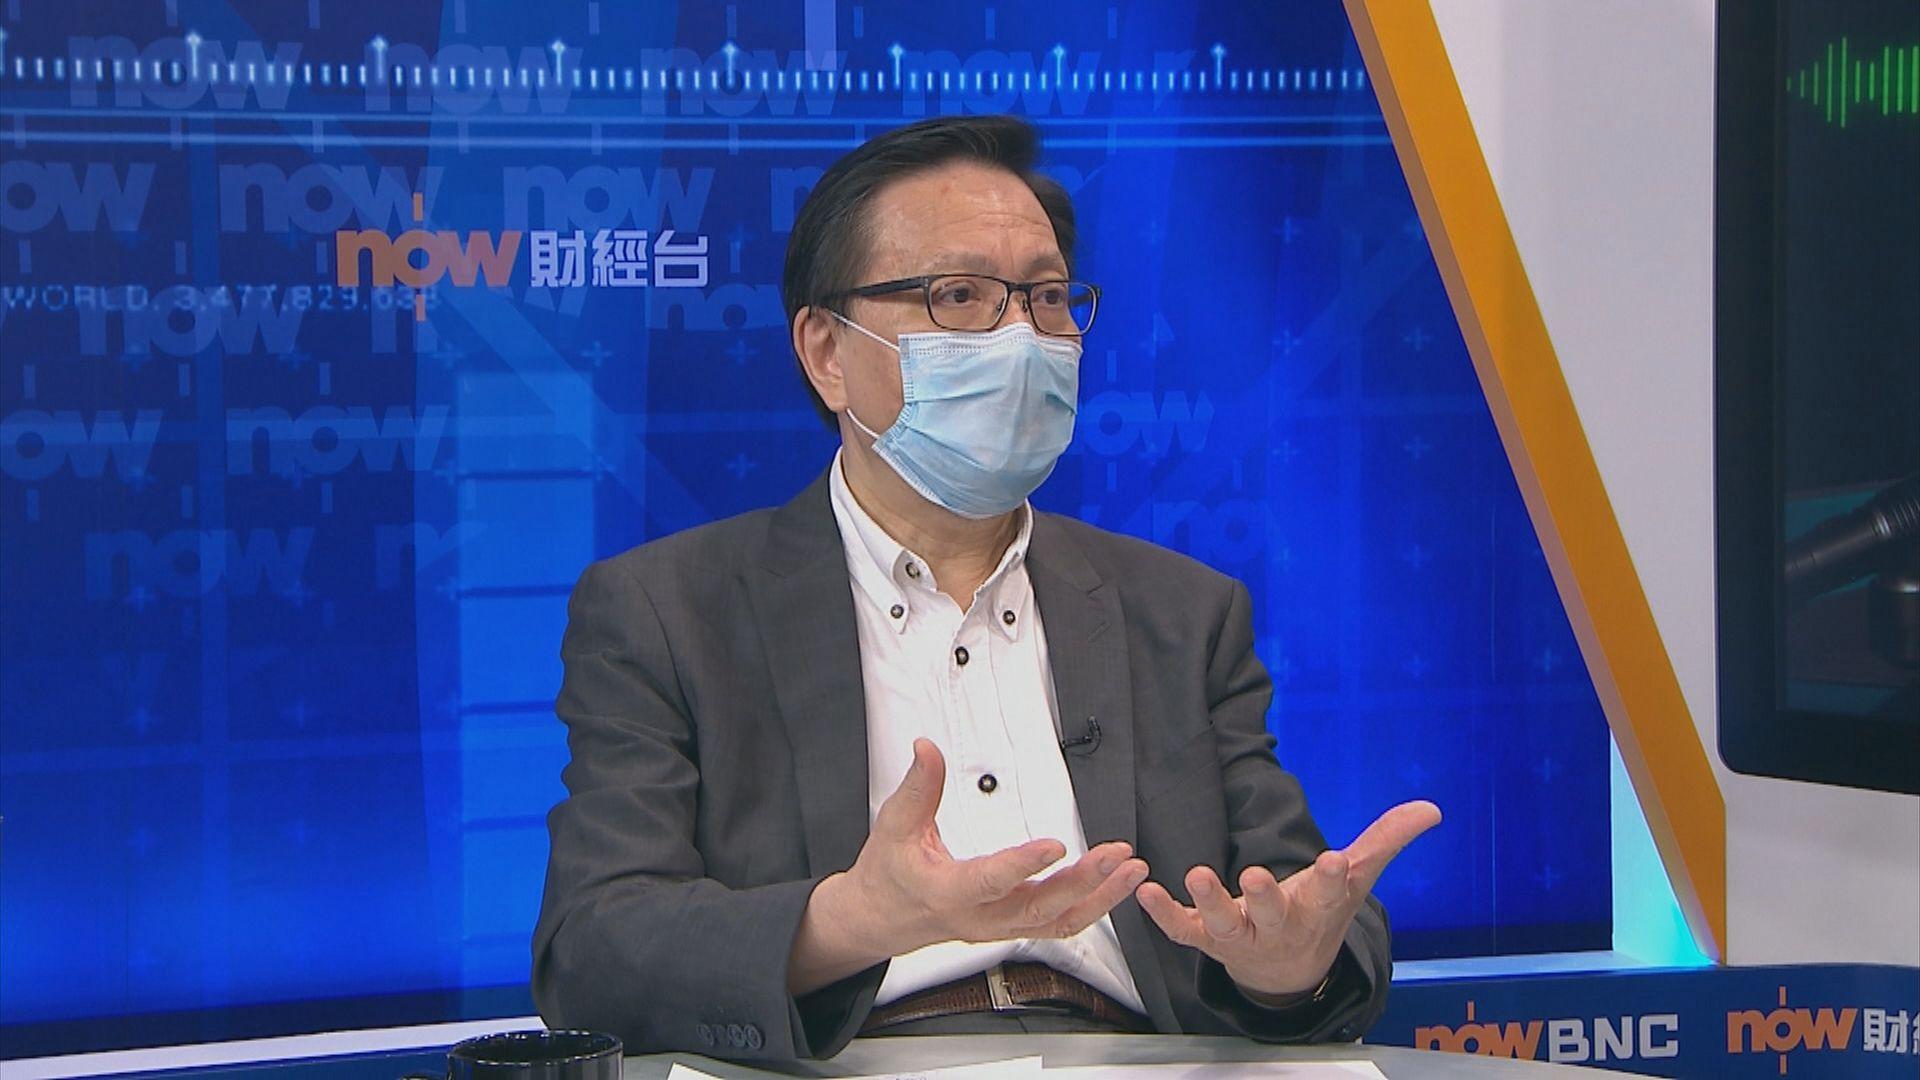 張炳良:問責局需較大改組 過程中立法會不應過份介入